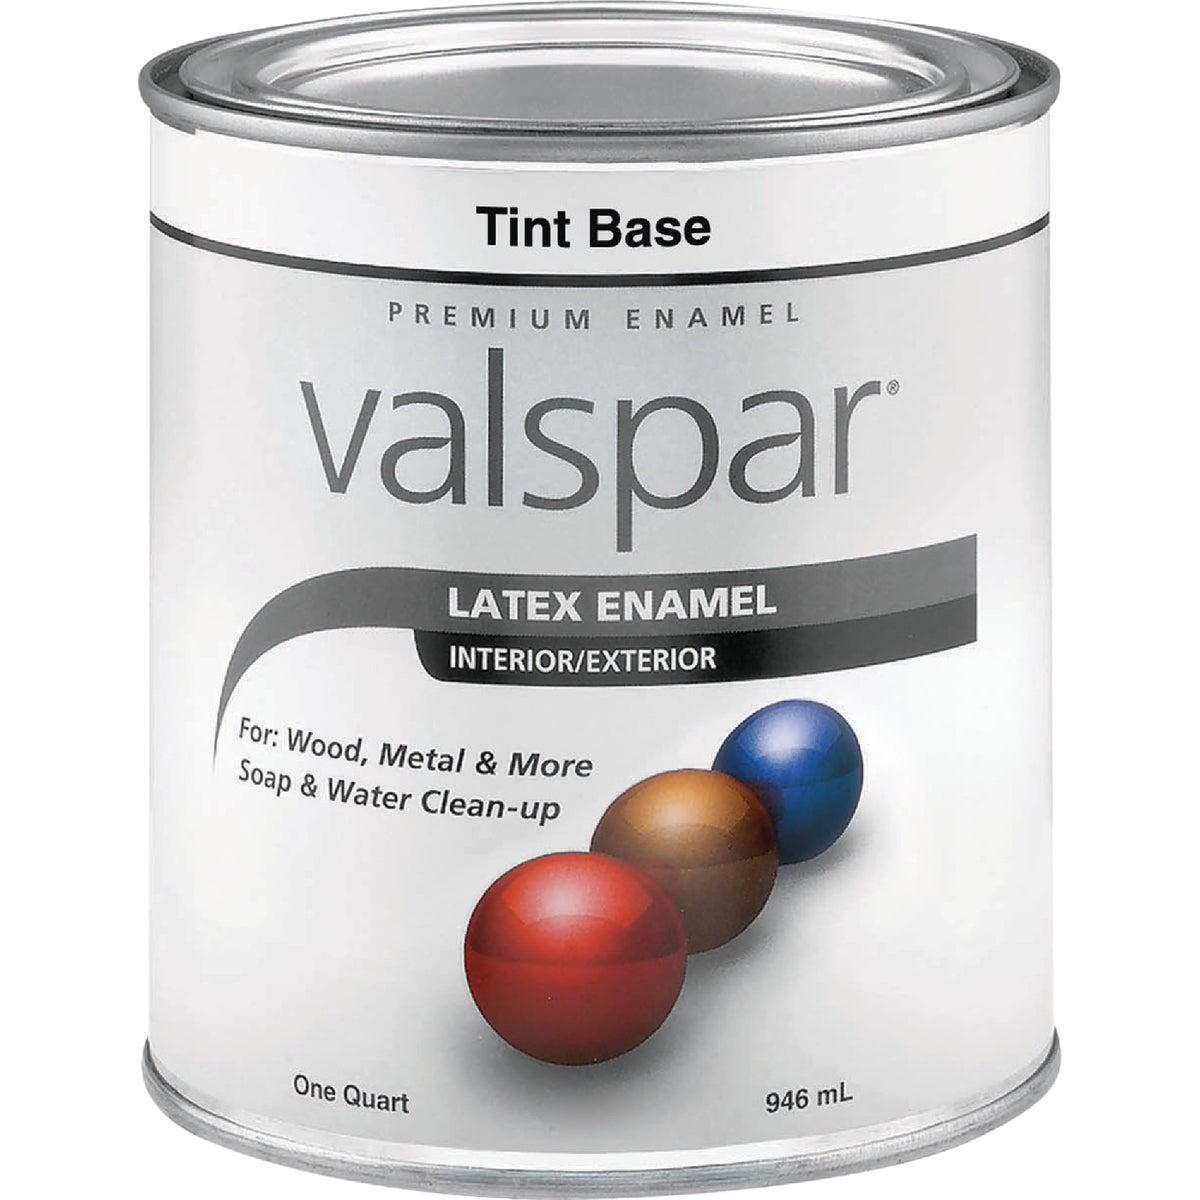 LTX TINT BS ENAMEL - 410.0065102.005 by Valspar Corp